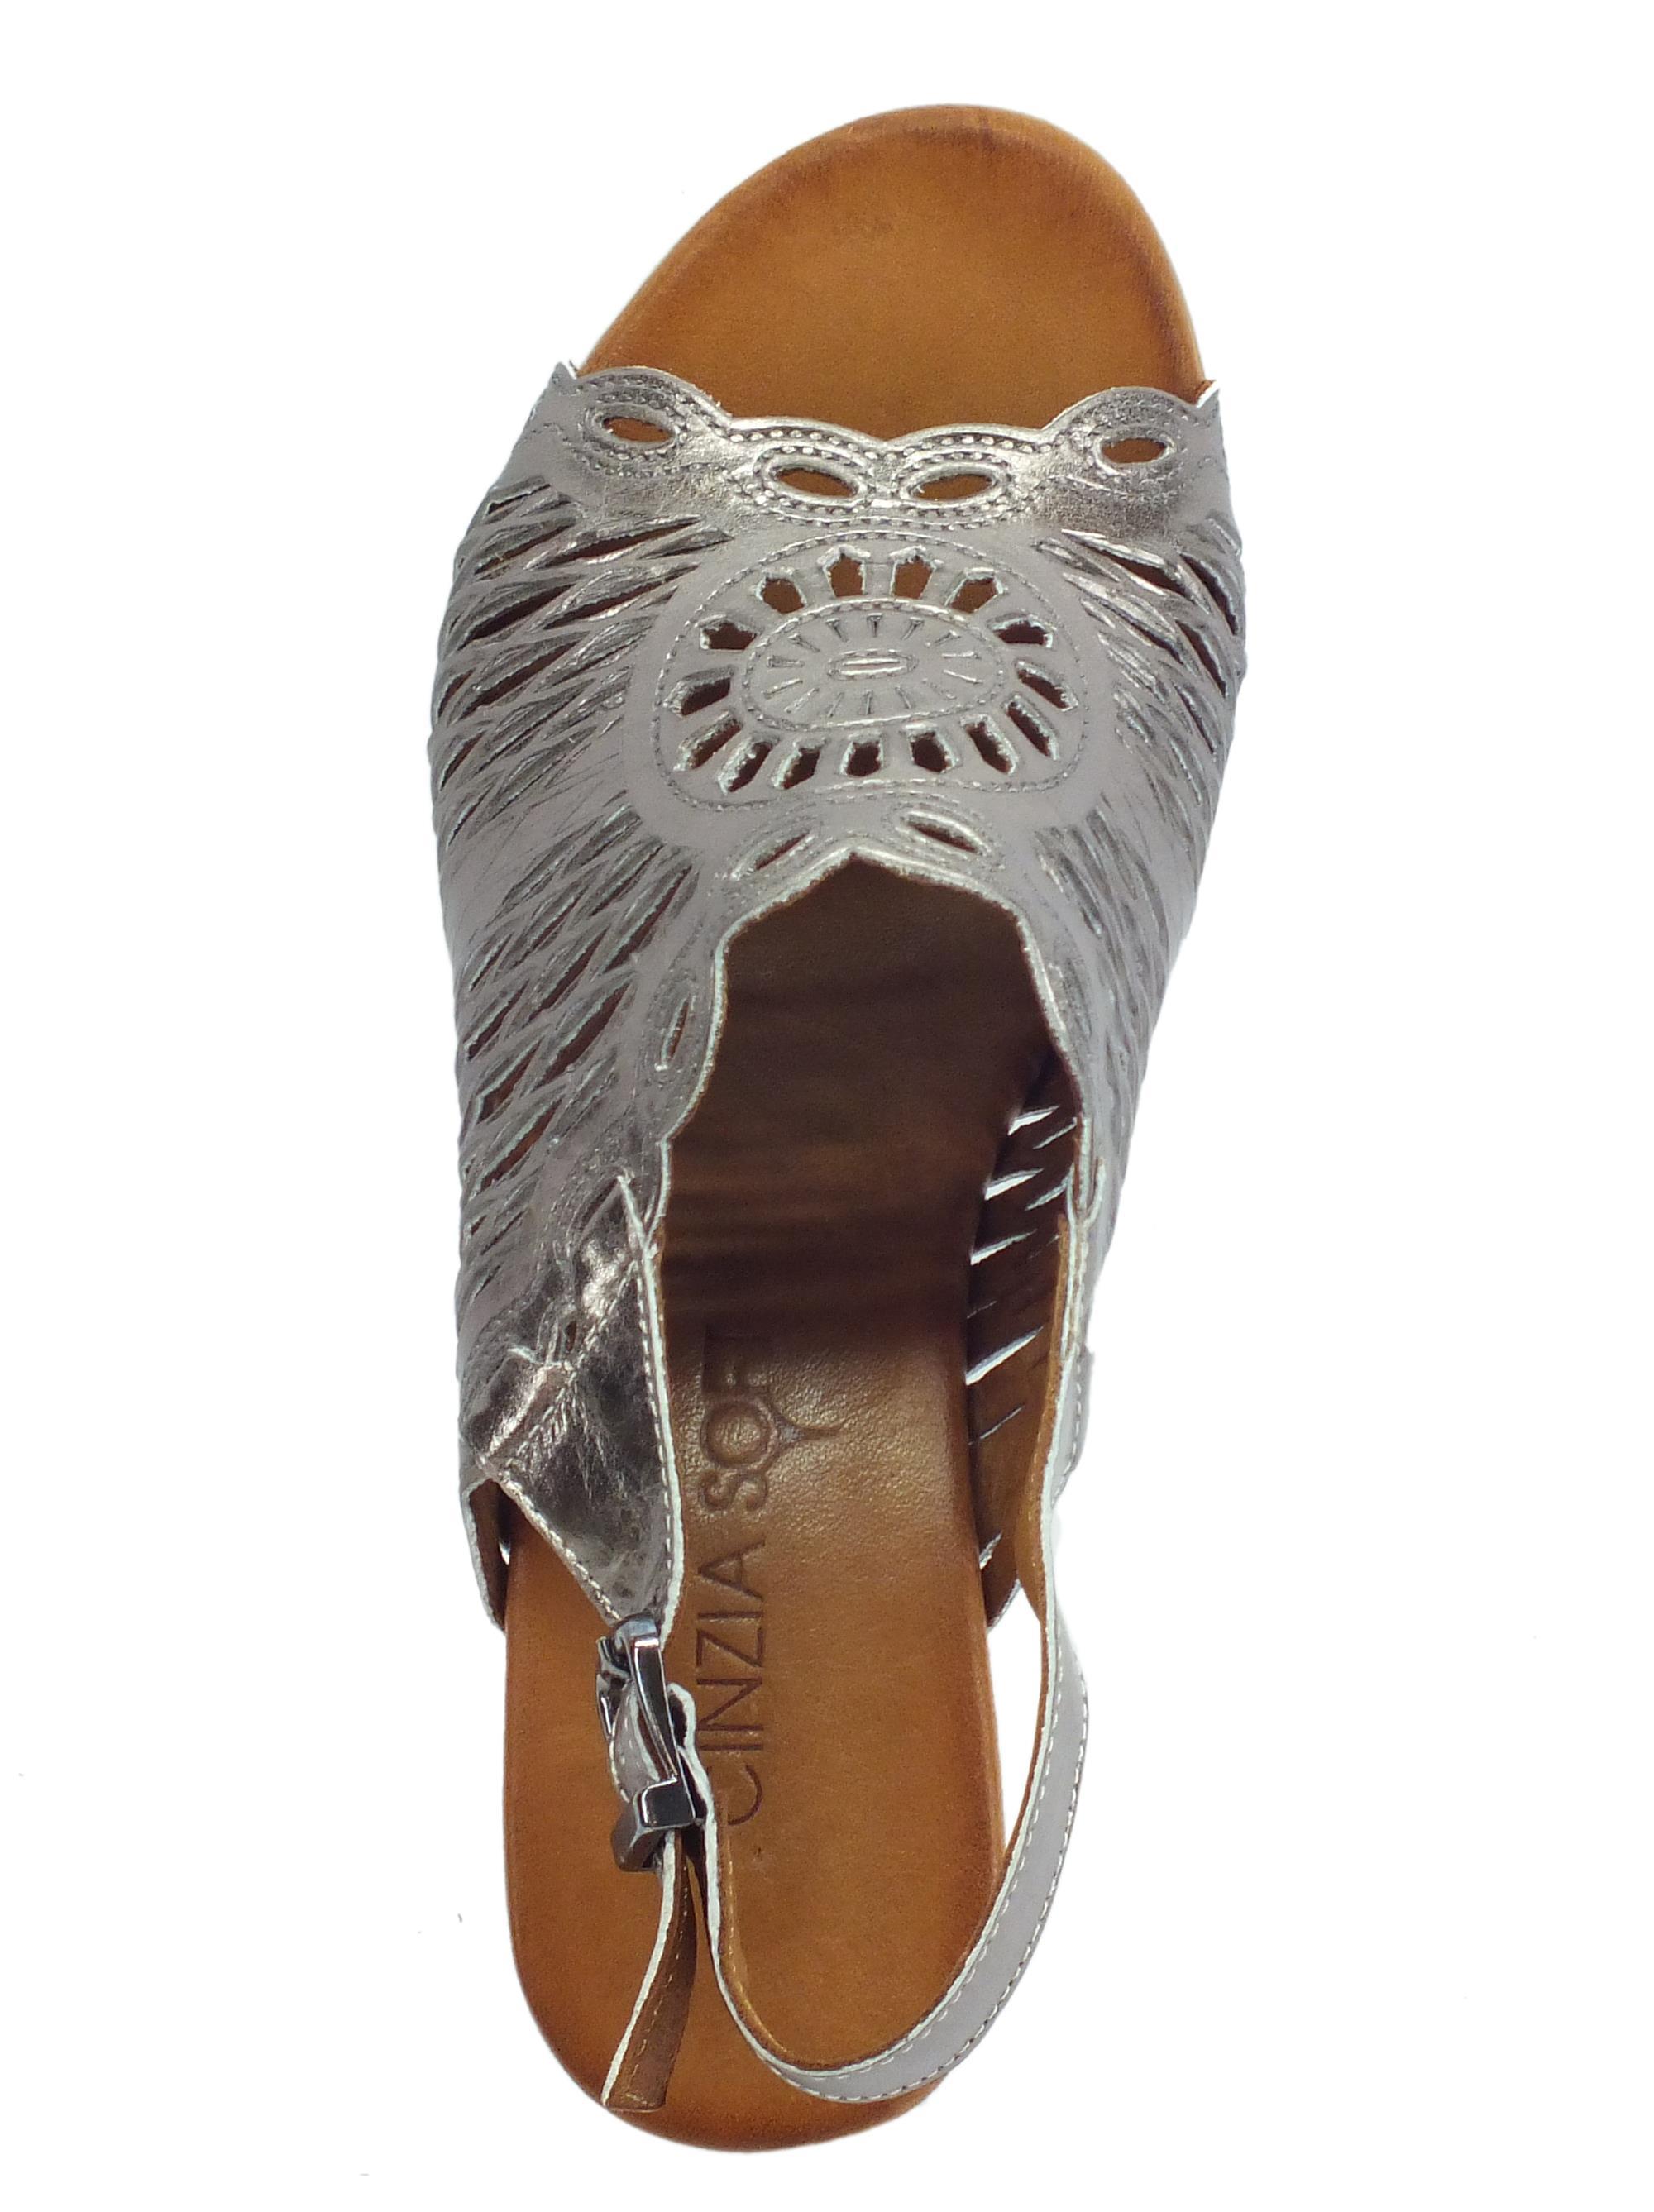 cc7d636367dd2 ... Cinzia Soft sandali per donna in pelle laserata peltro tacco medio